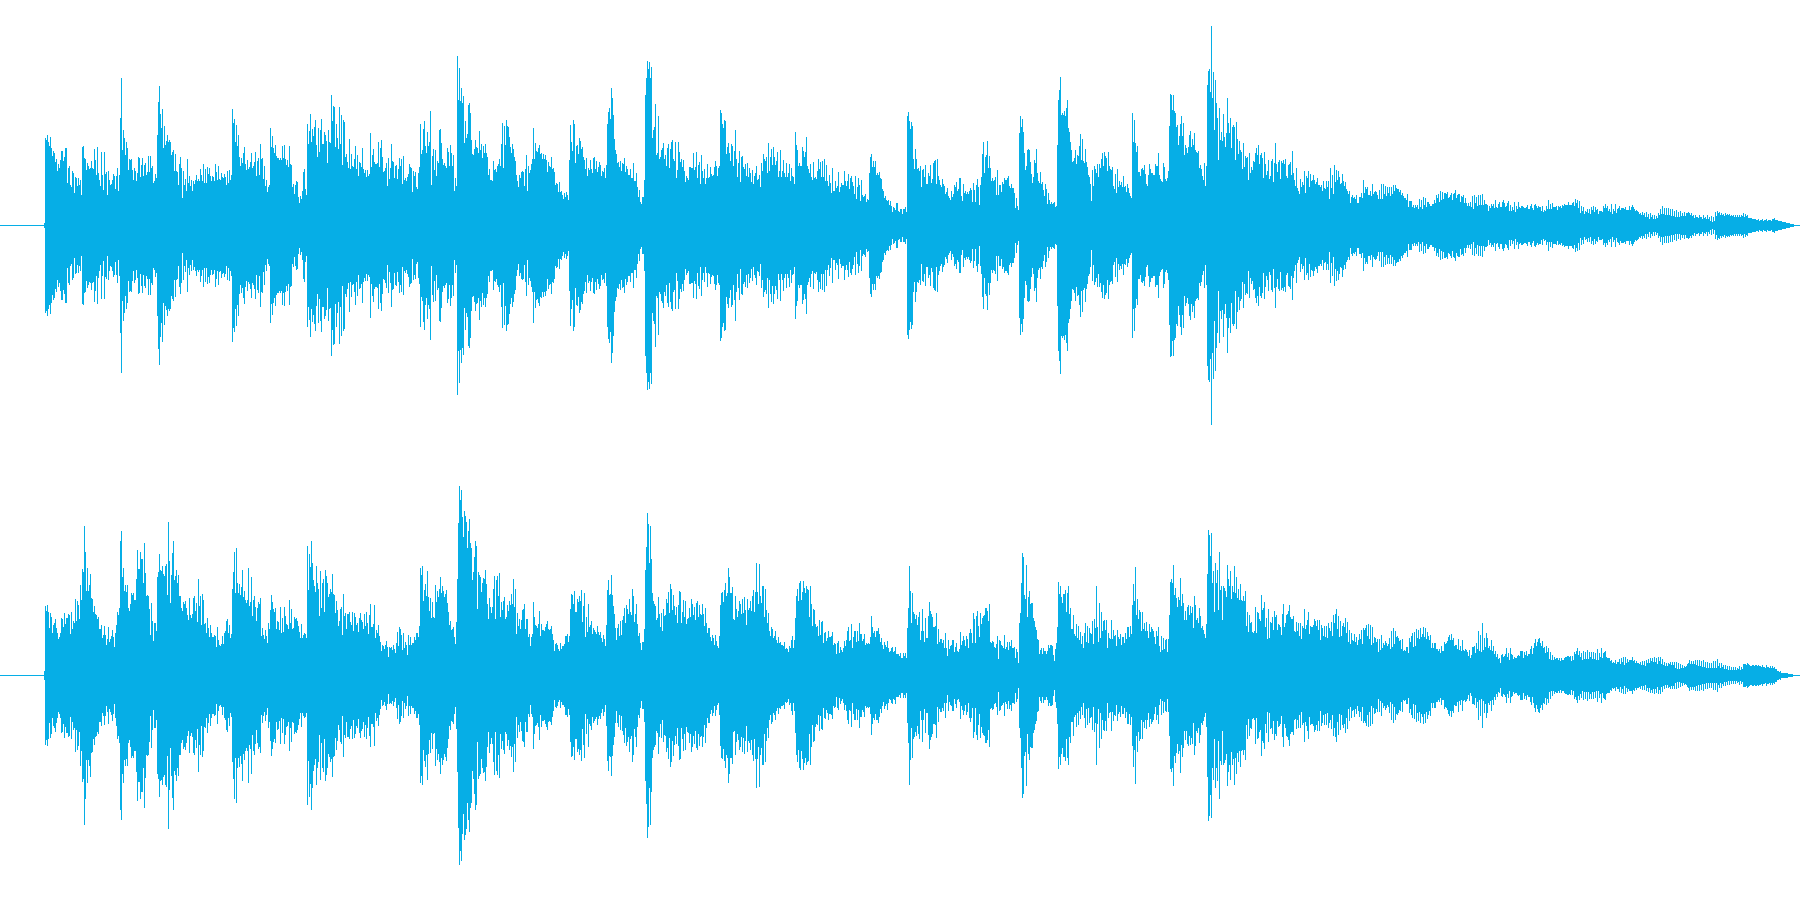 番組内コーナー冒頭ジングル2の再生済みの波形